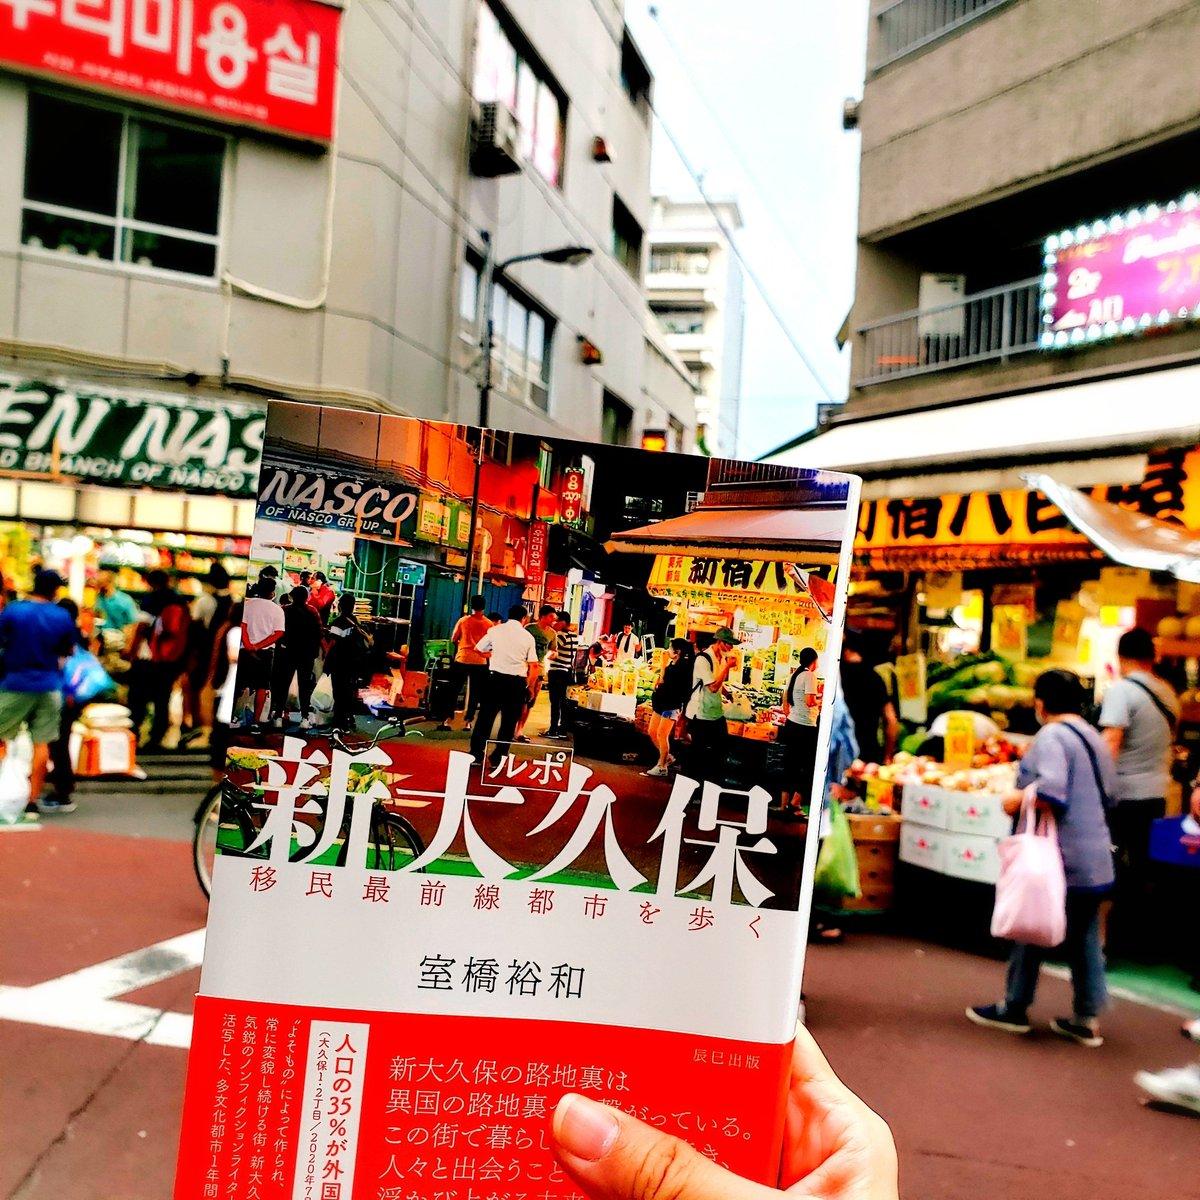 室橋裕和さん著『ルポ新大久保 移民最前線都市を歩く』刊行トークイベントに行ってきた。話聞いたり、本読んだりしていたら新大久保に住みたくなって、つい家賃相場を質問してしまった。#ルポ新大久保 #室橋裕和 https://t.co/Dq37Jlku6E